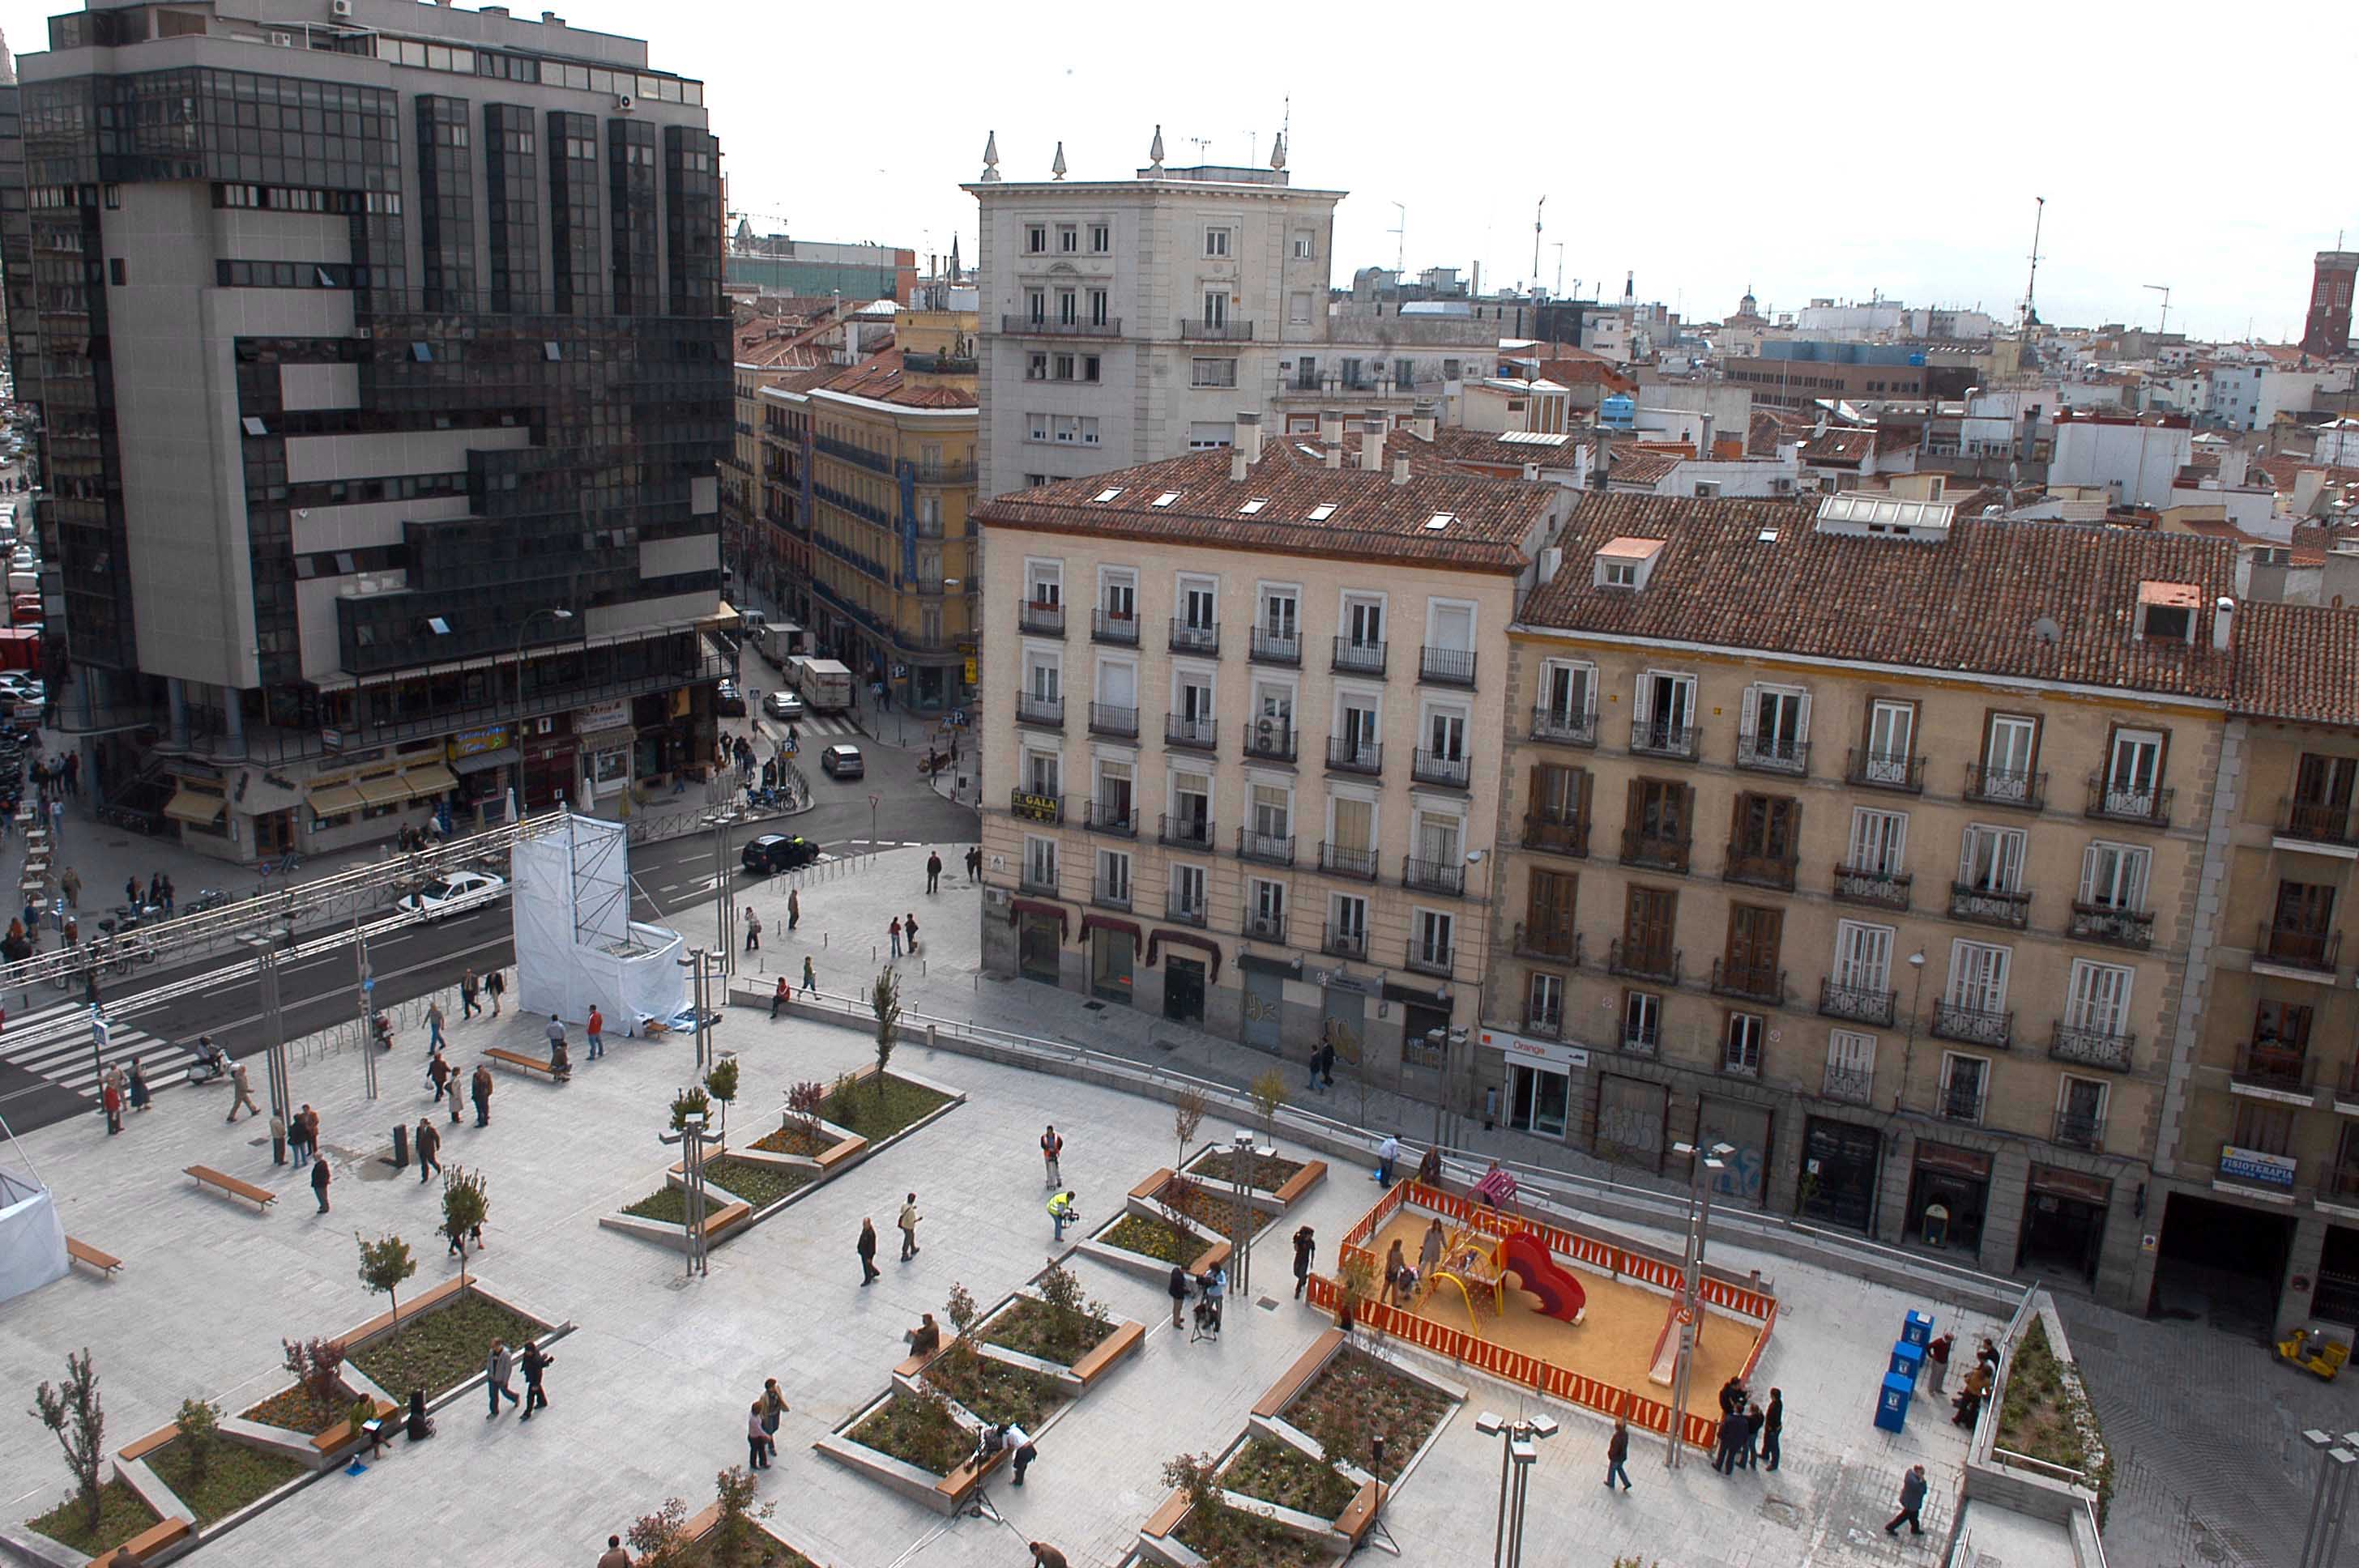 Por la calidad del paisaje urbano - Ayuntamiento de Madrid